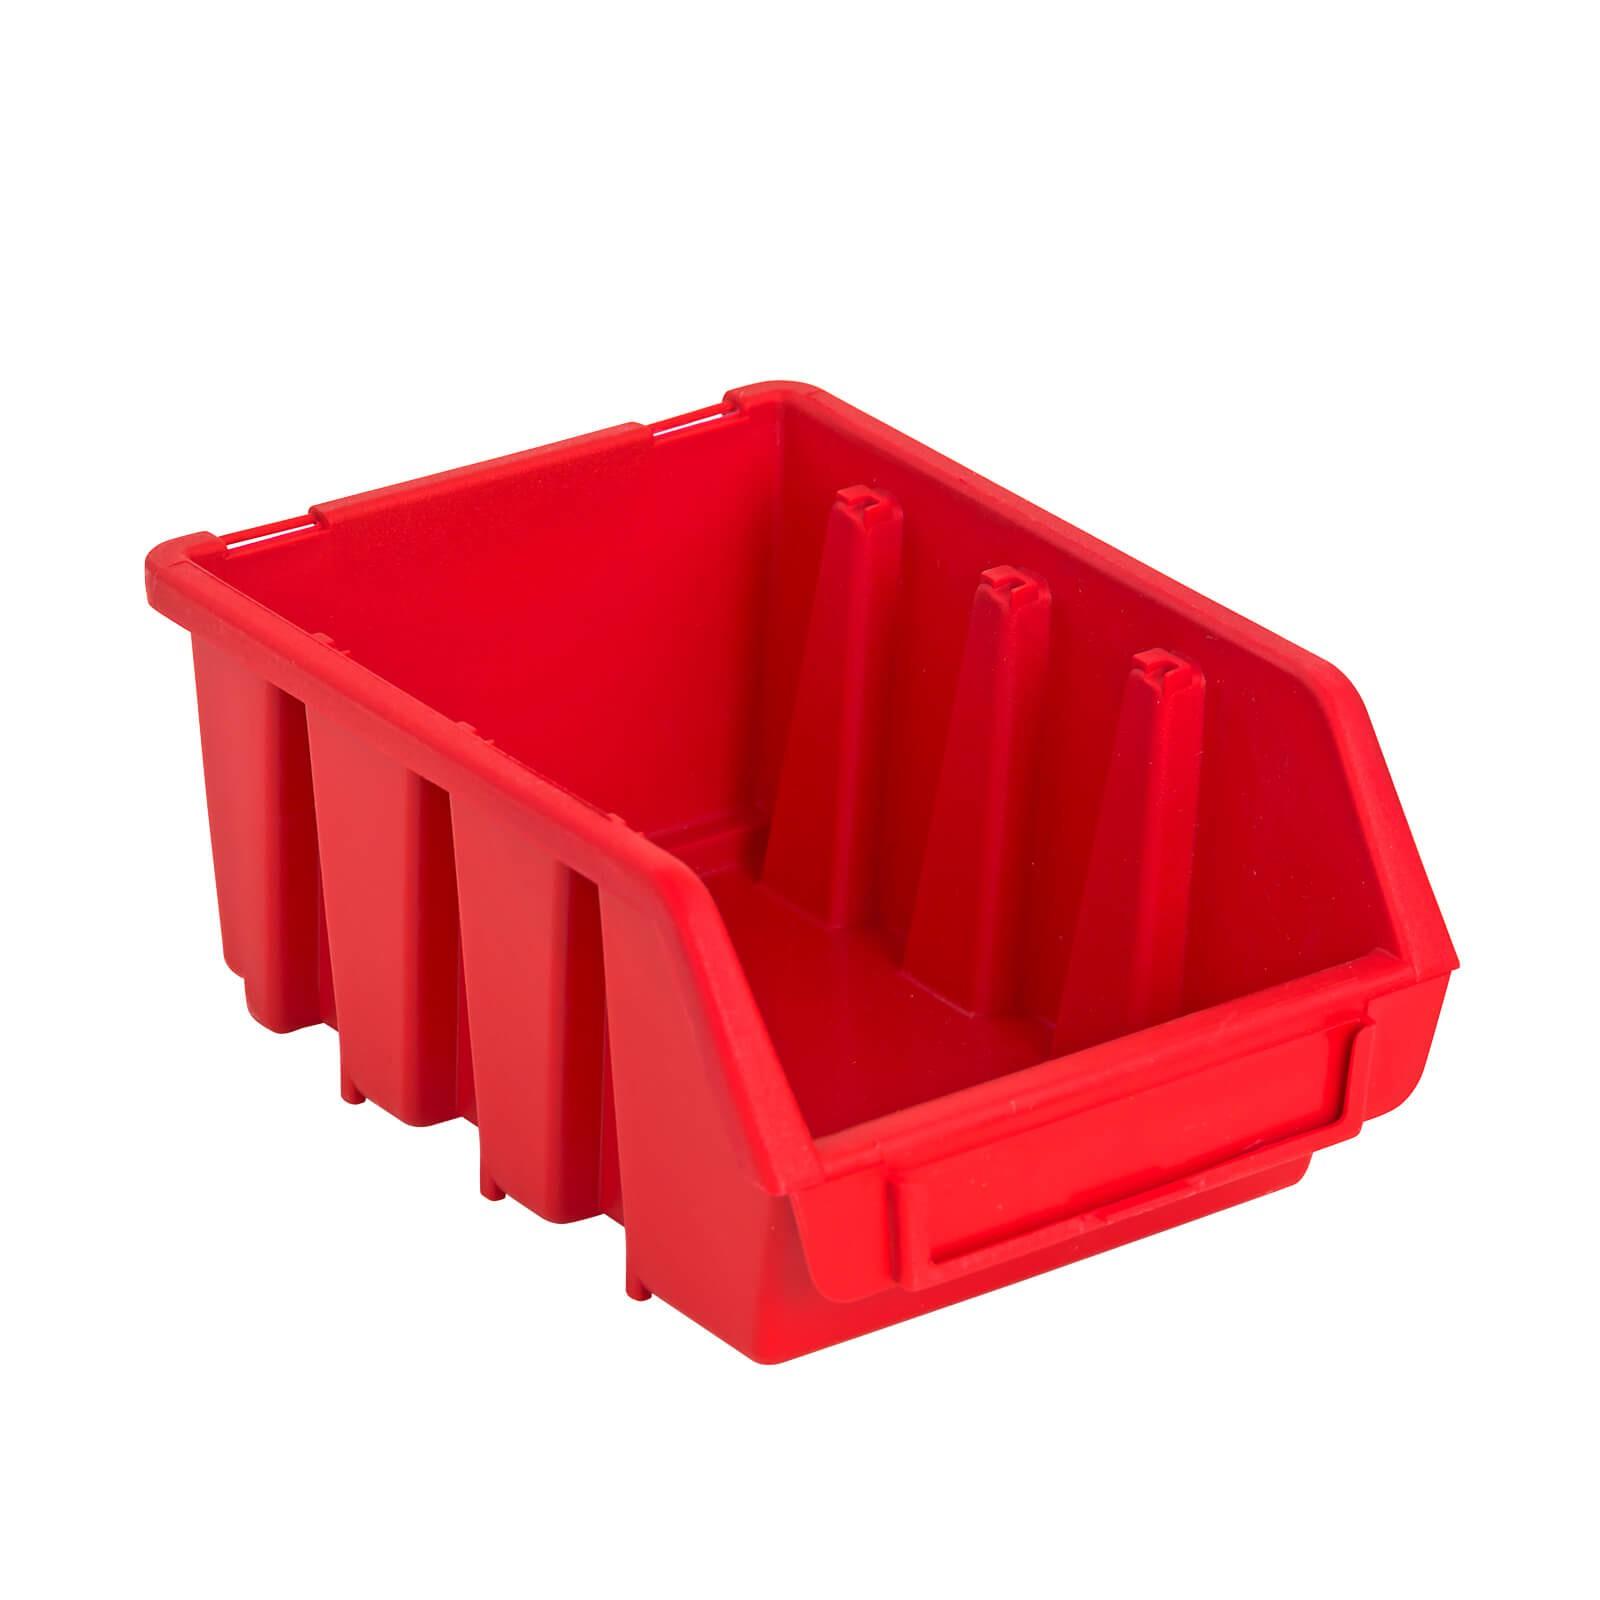 ADB Sichtlagerkasten Stapelbox Lagerbox Sichtbox Größe 2 Box rot 116x161x75 mm